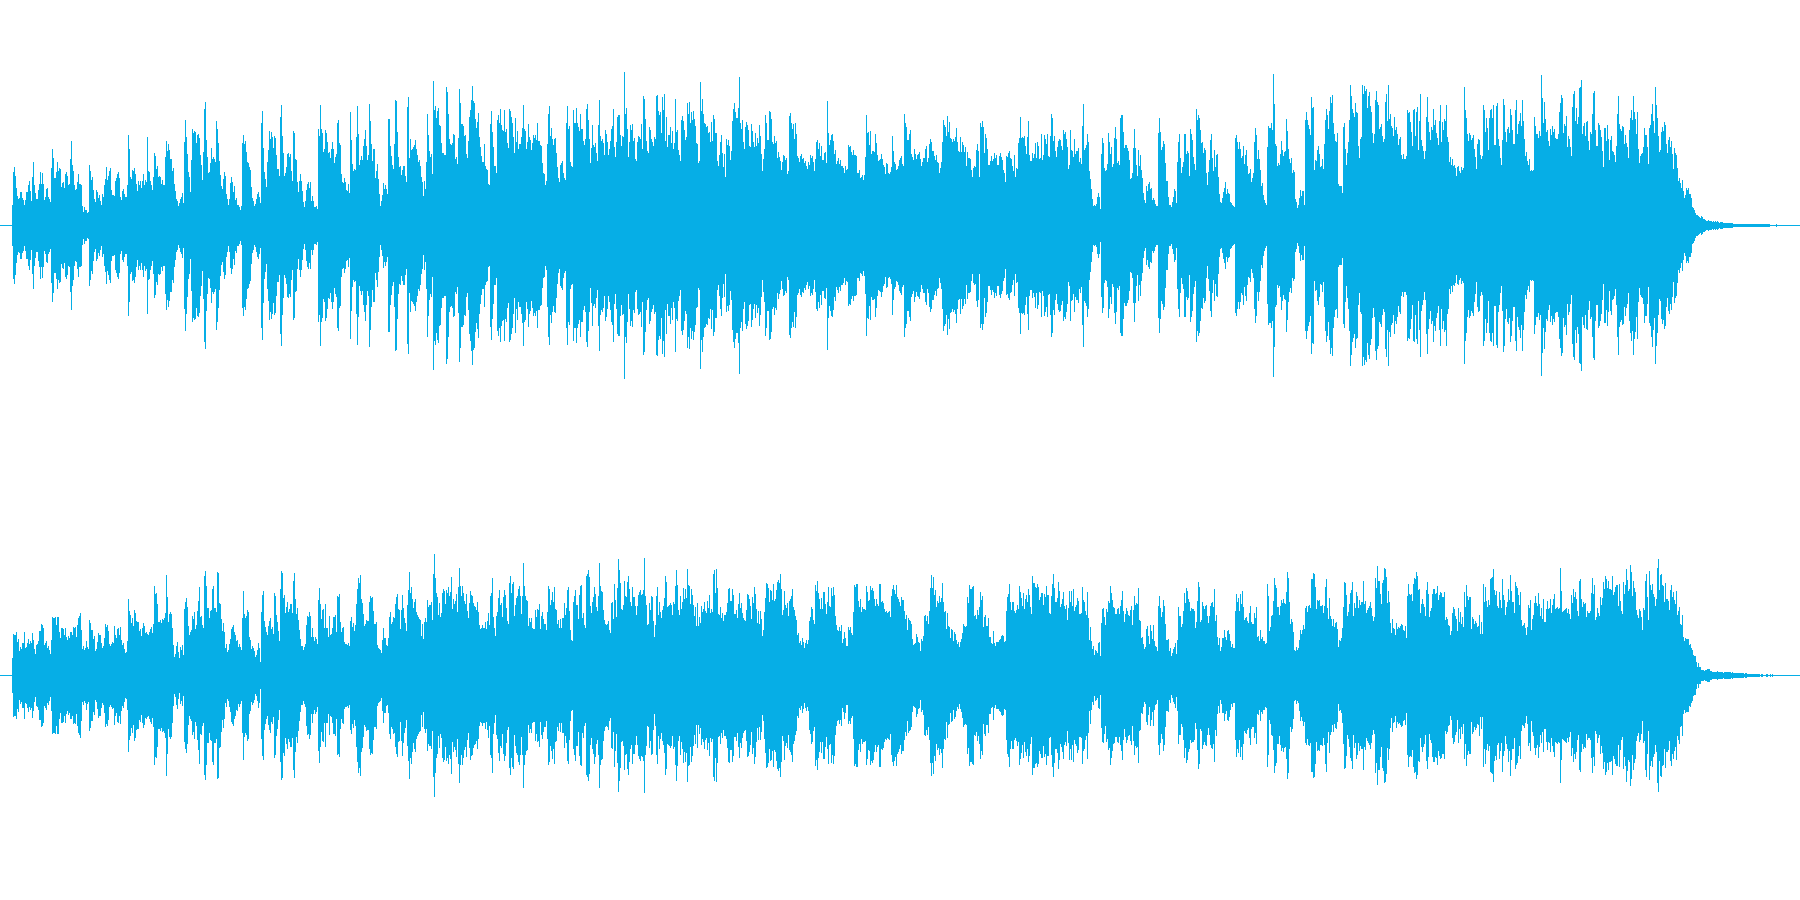 不気味な雰囲気のインスト曲の再生済みの波形